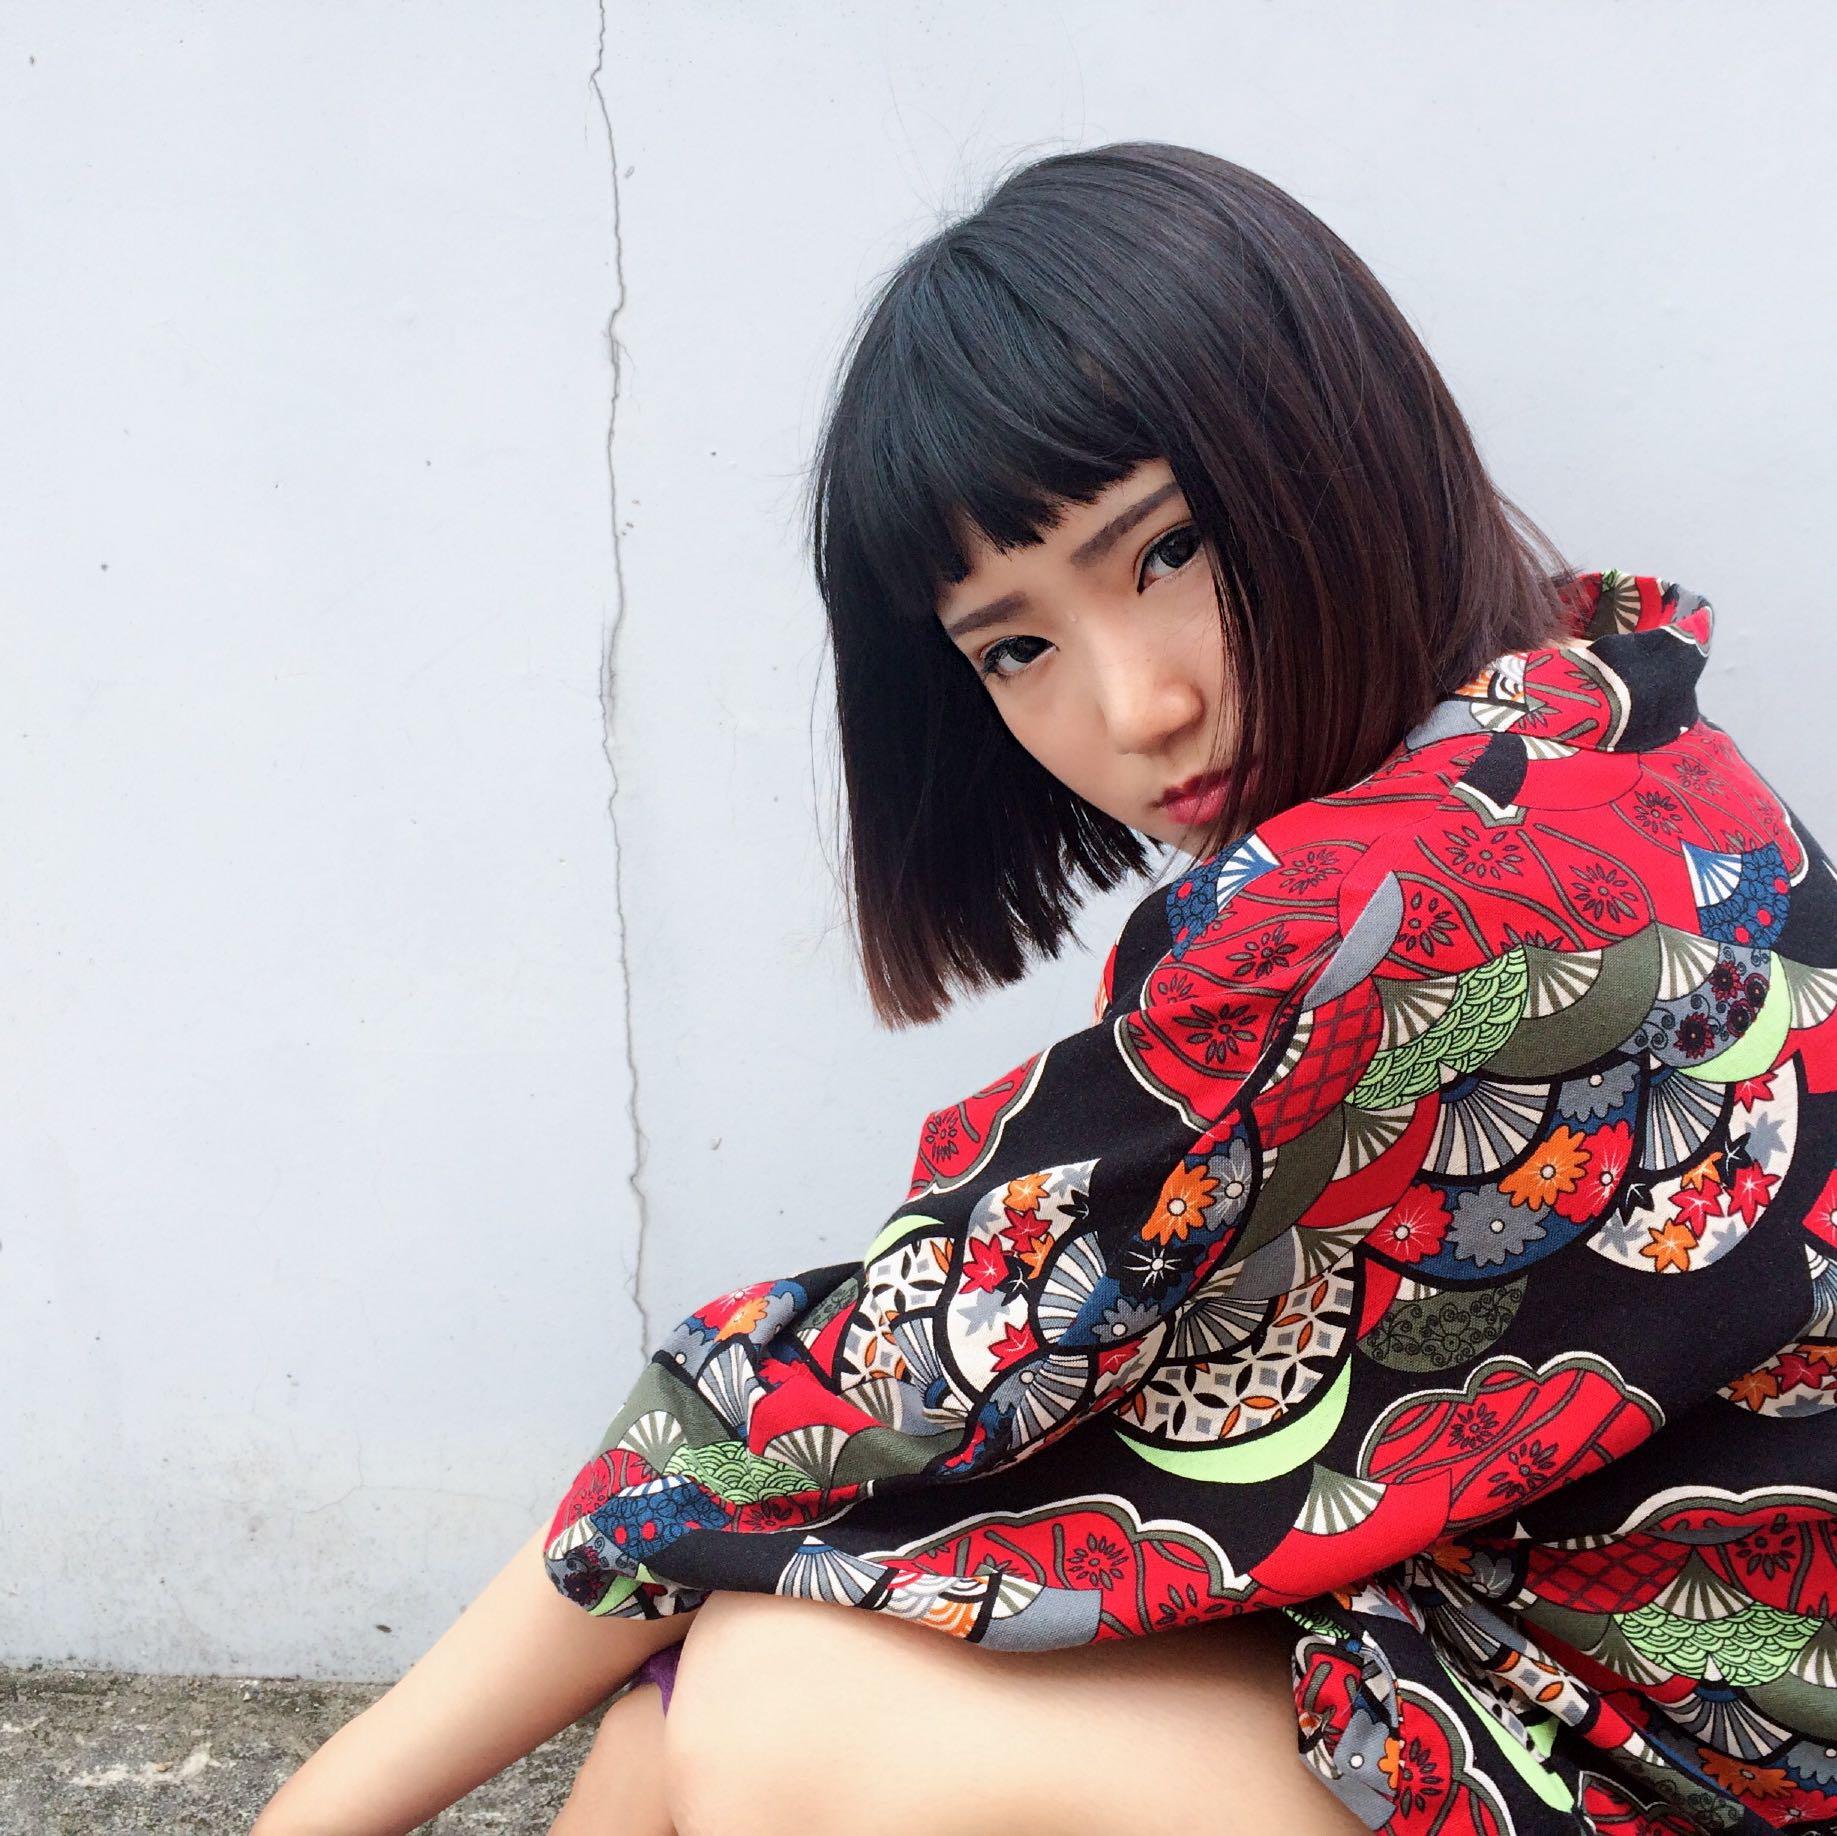 yunxi_may0513